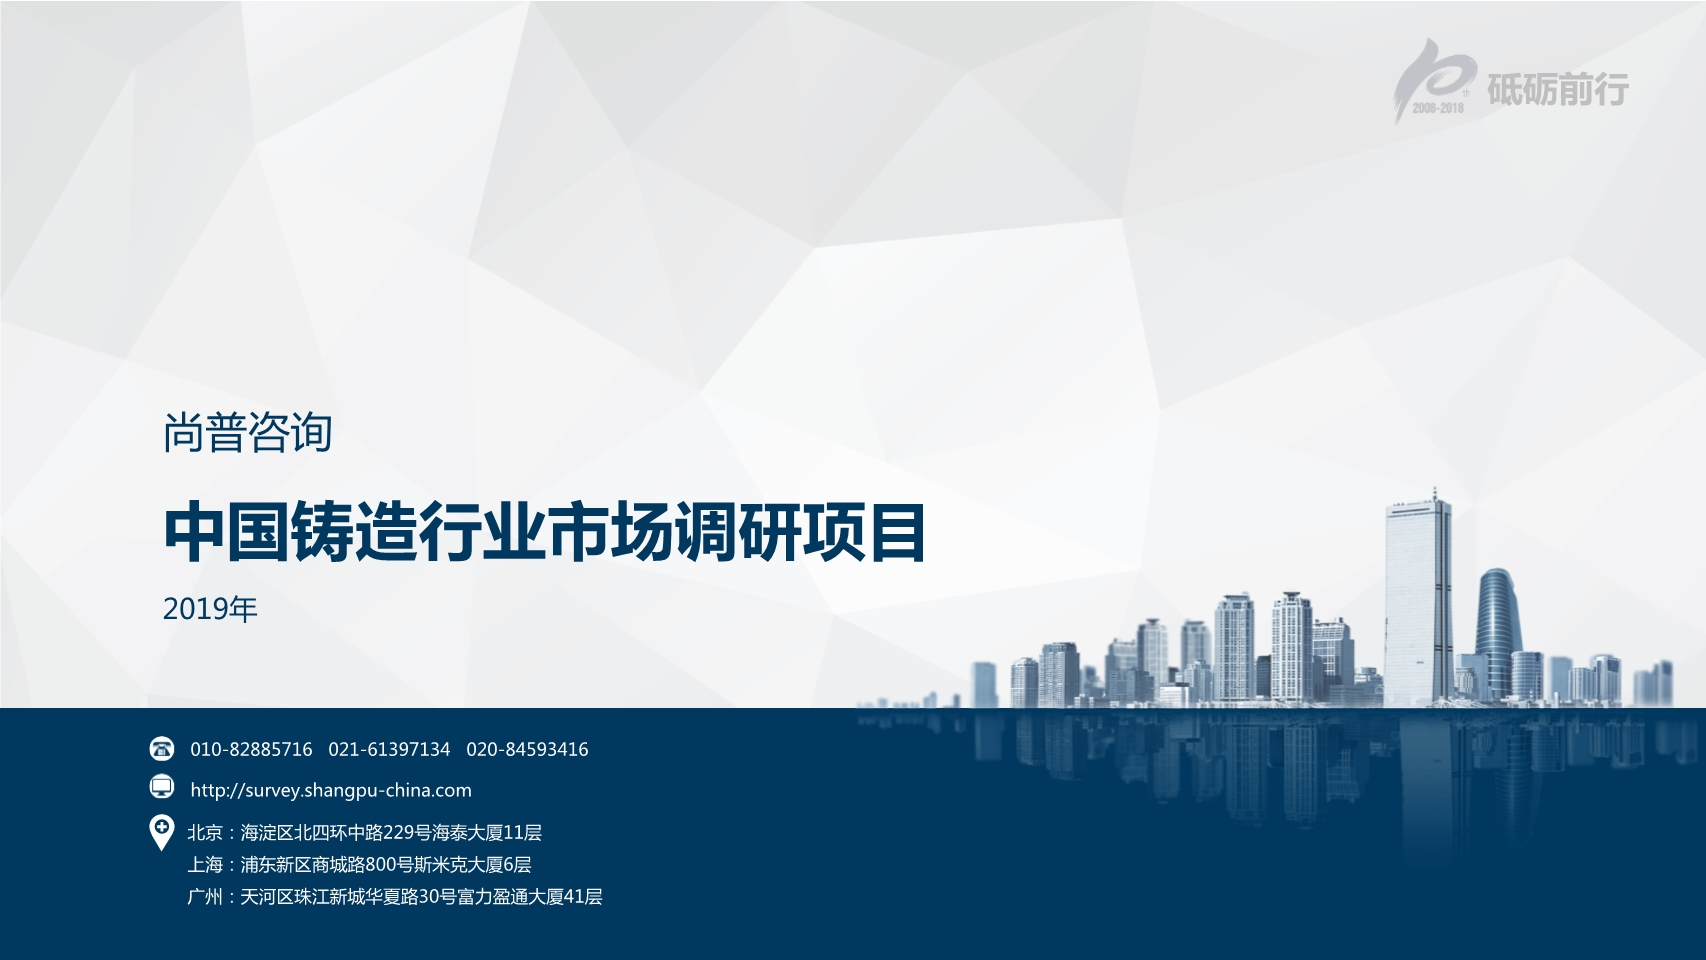 尚普咨询-中国铸造行业市场调研项目